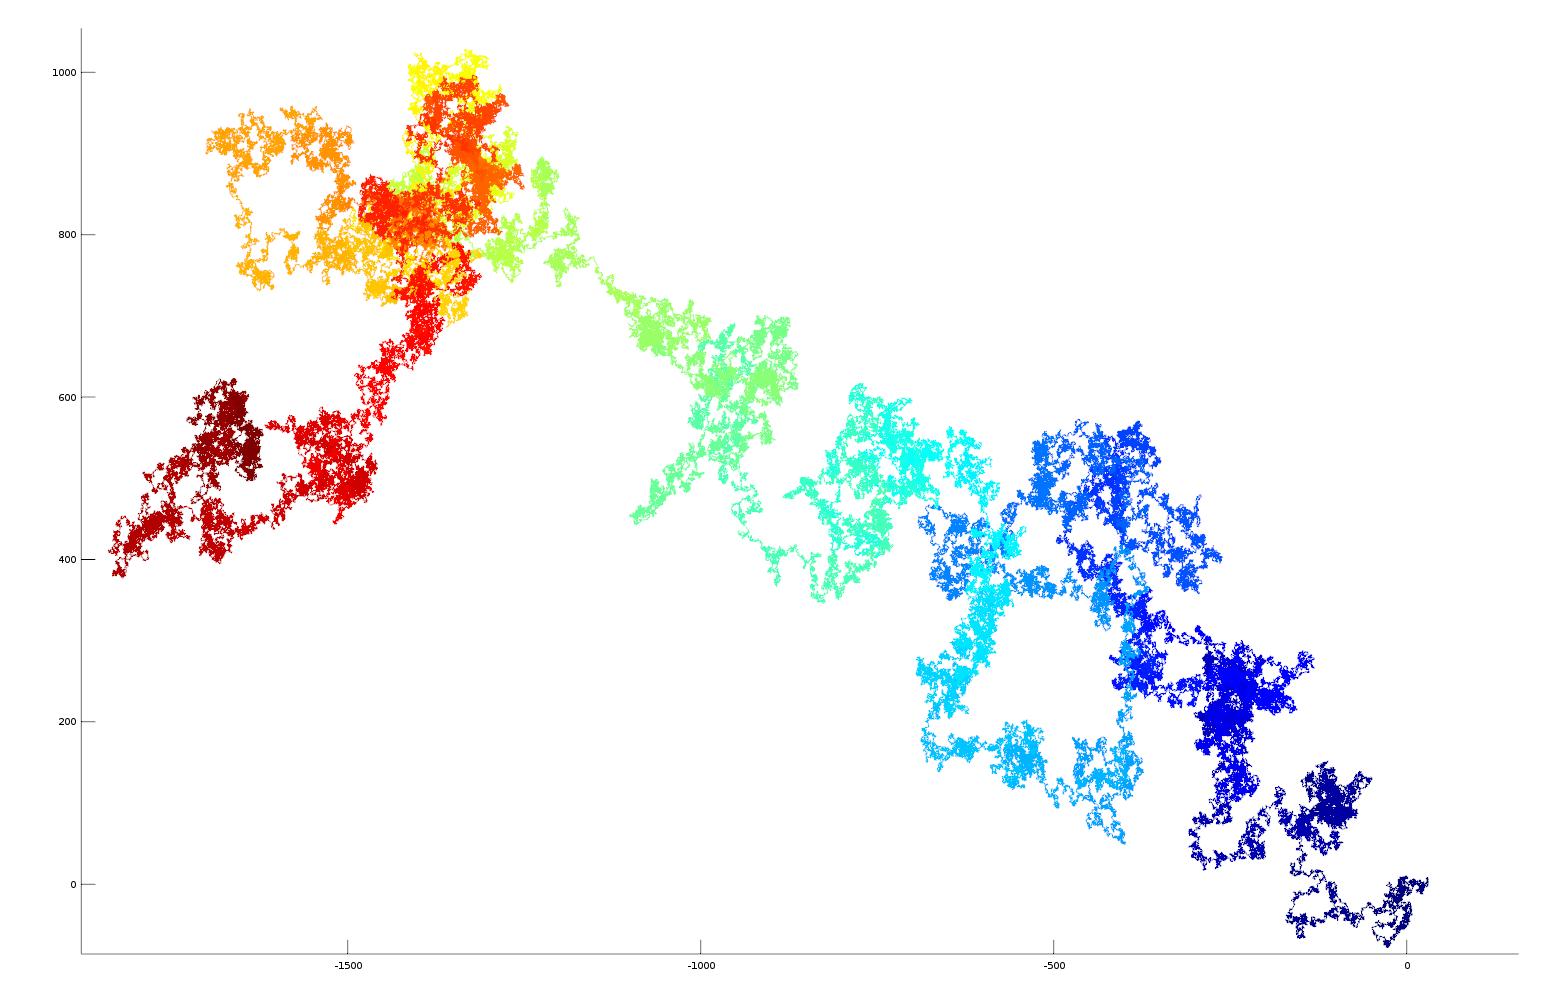 2D plot of e as vector